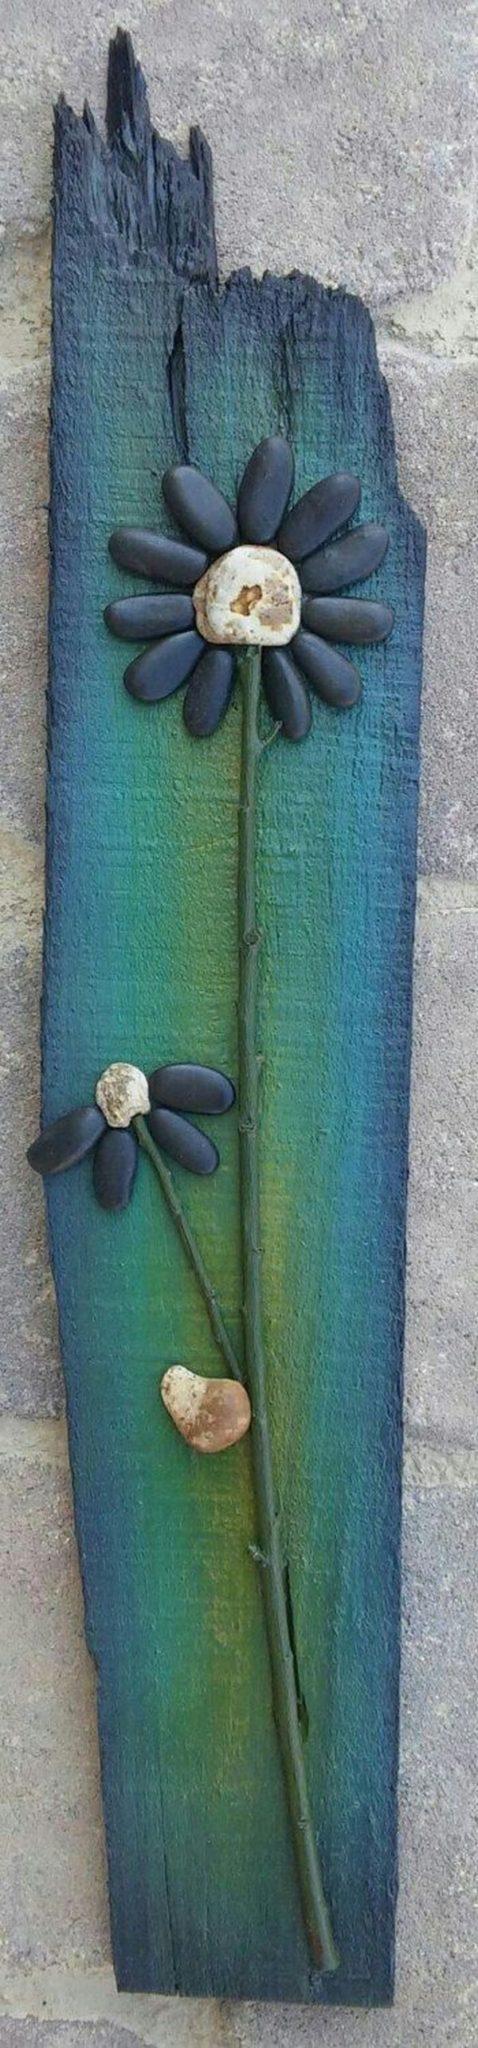 Decorative stones art5